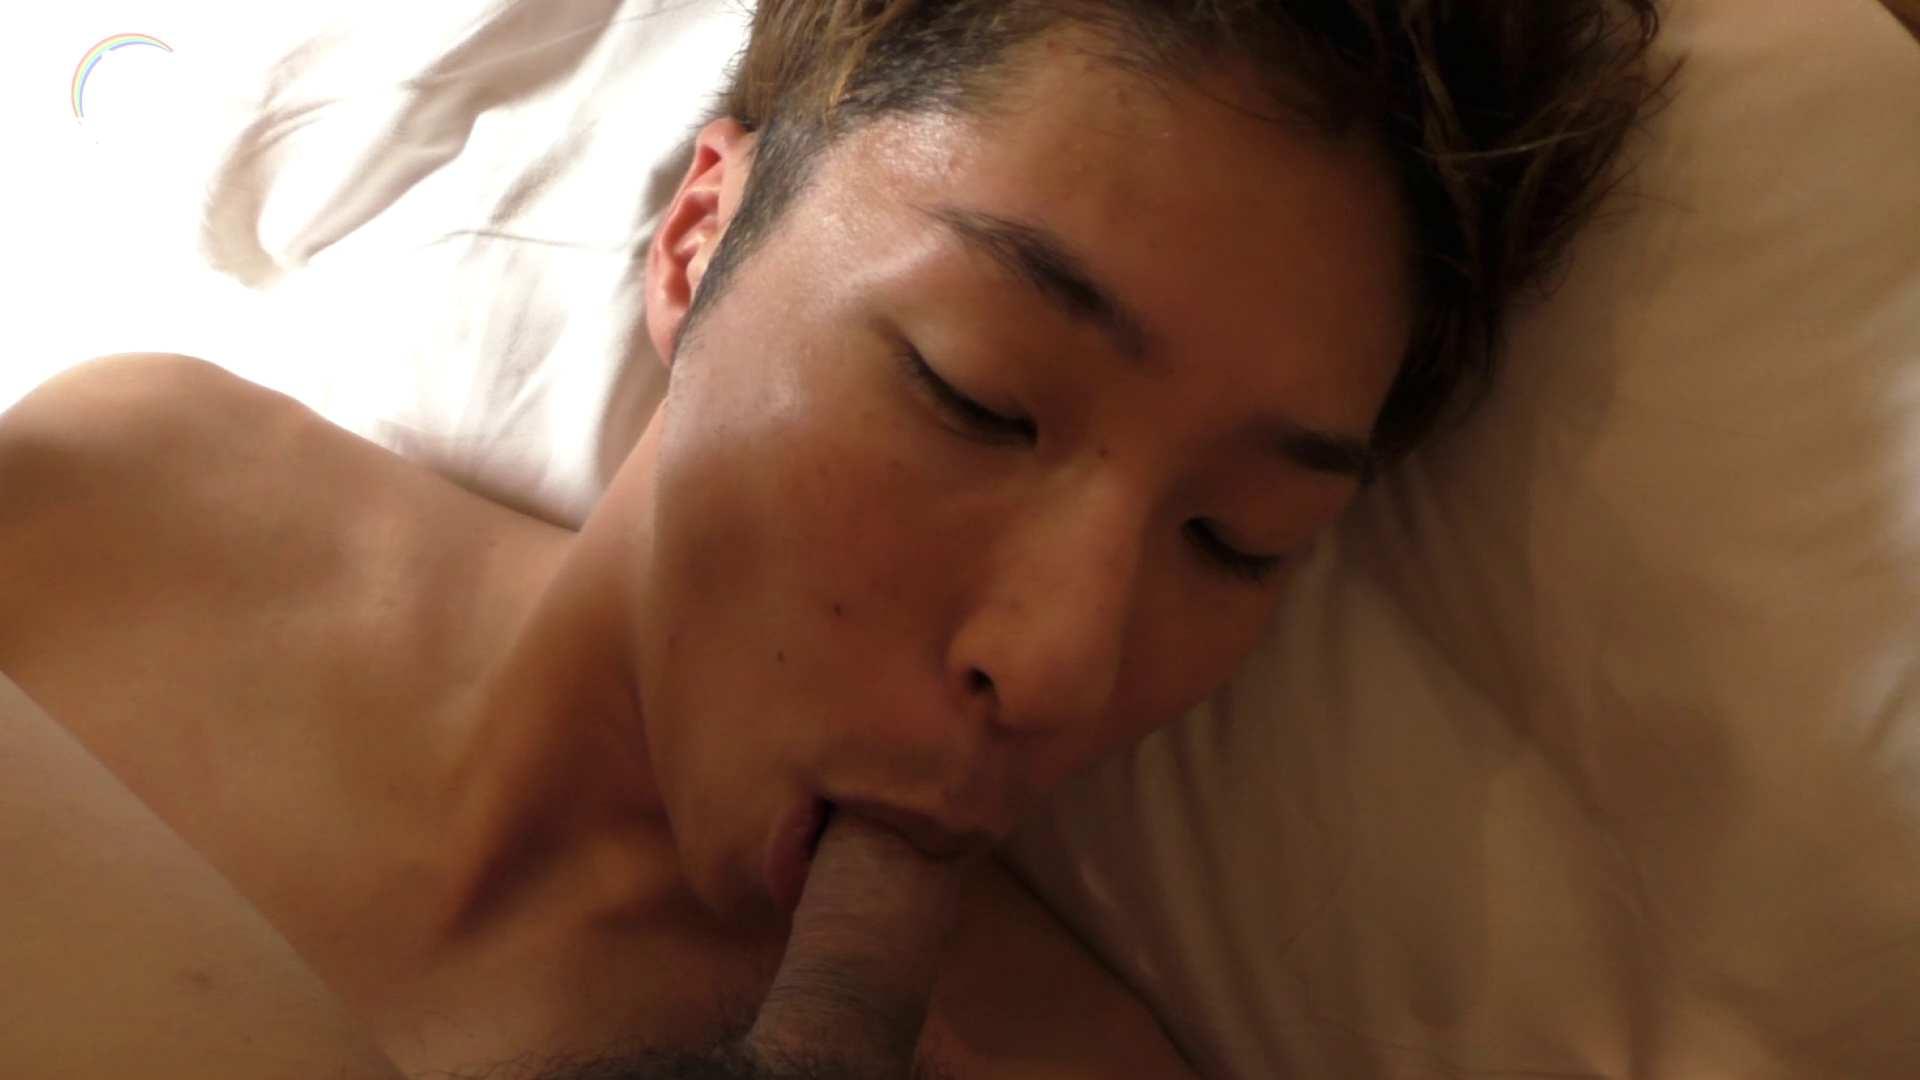 デカチン探偵かしこまりpart2 No.08 ★★★シリーズ ゲイ無修正ビデオ画像 70pic 55